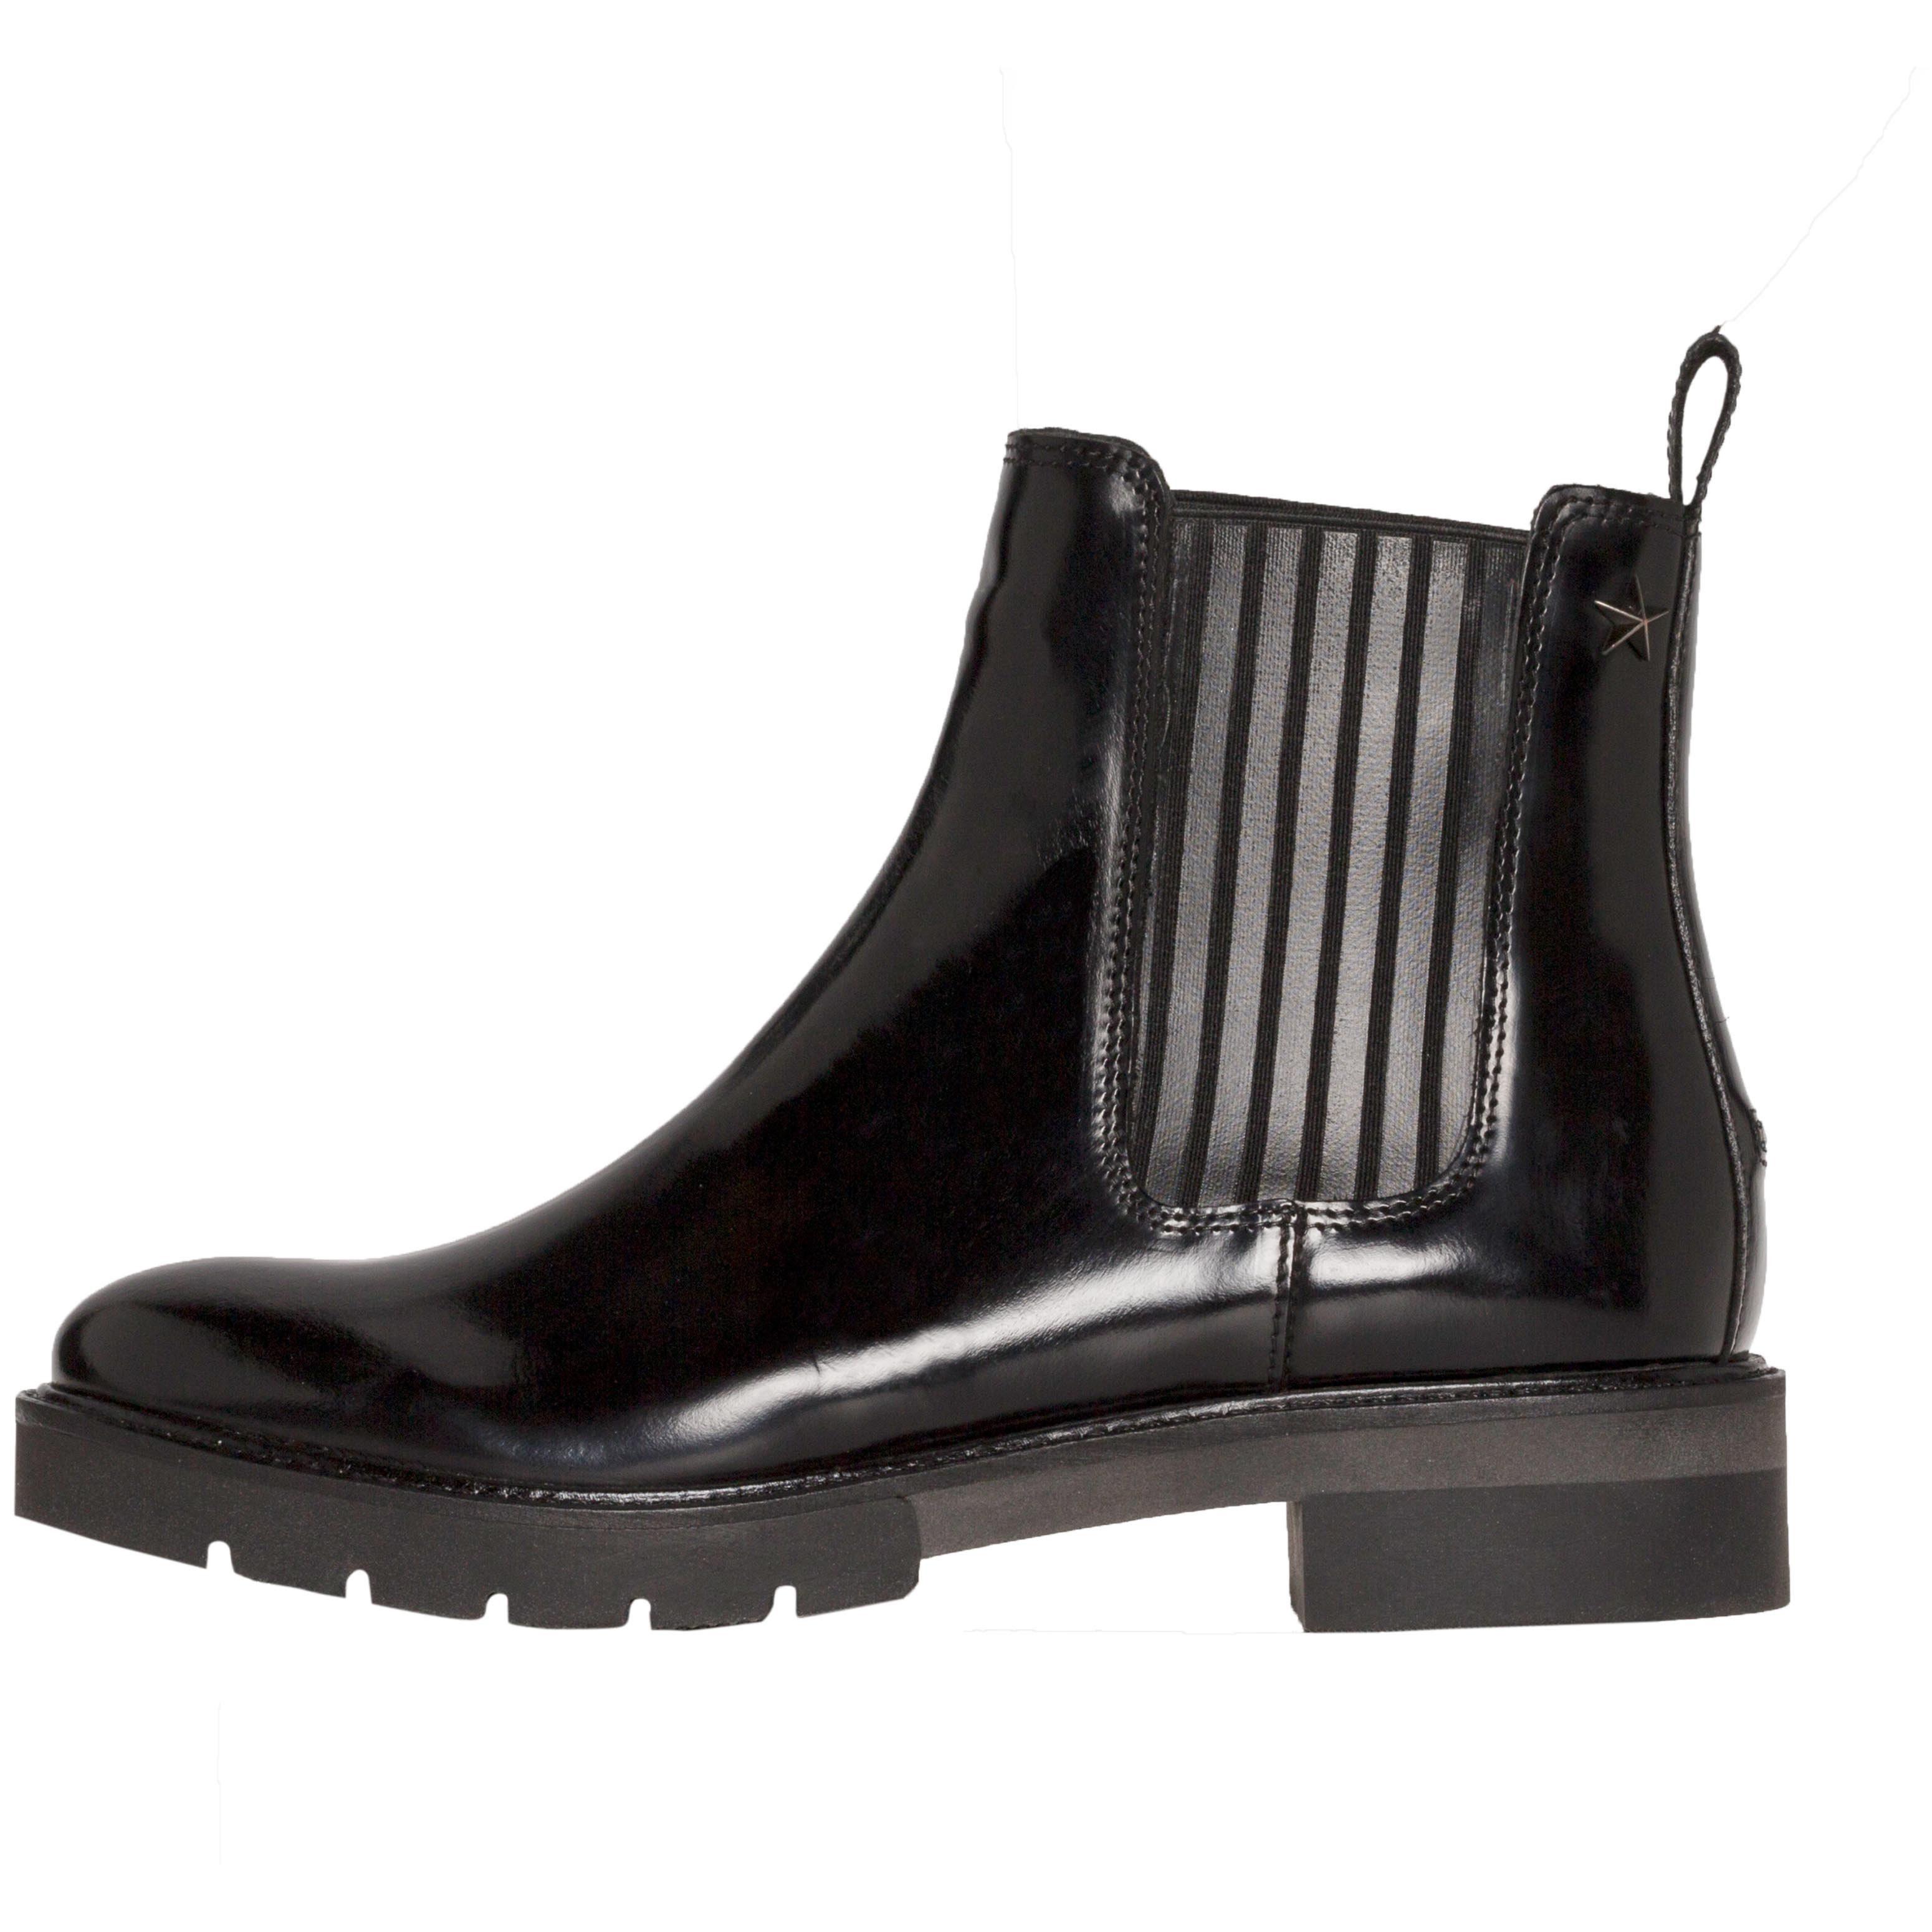 Tommy Hilfiger Boot »R1285OXANA 2A«, Absatzhöhe: 3,4 online kaufen | OTTO